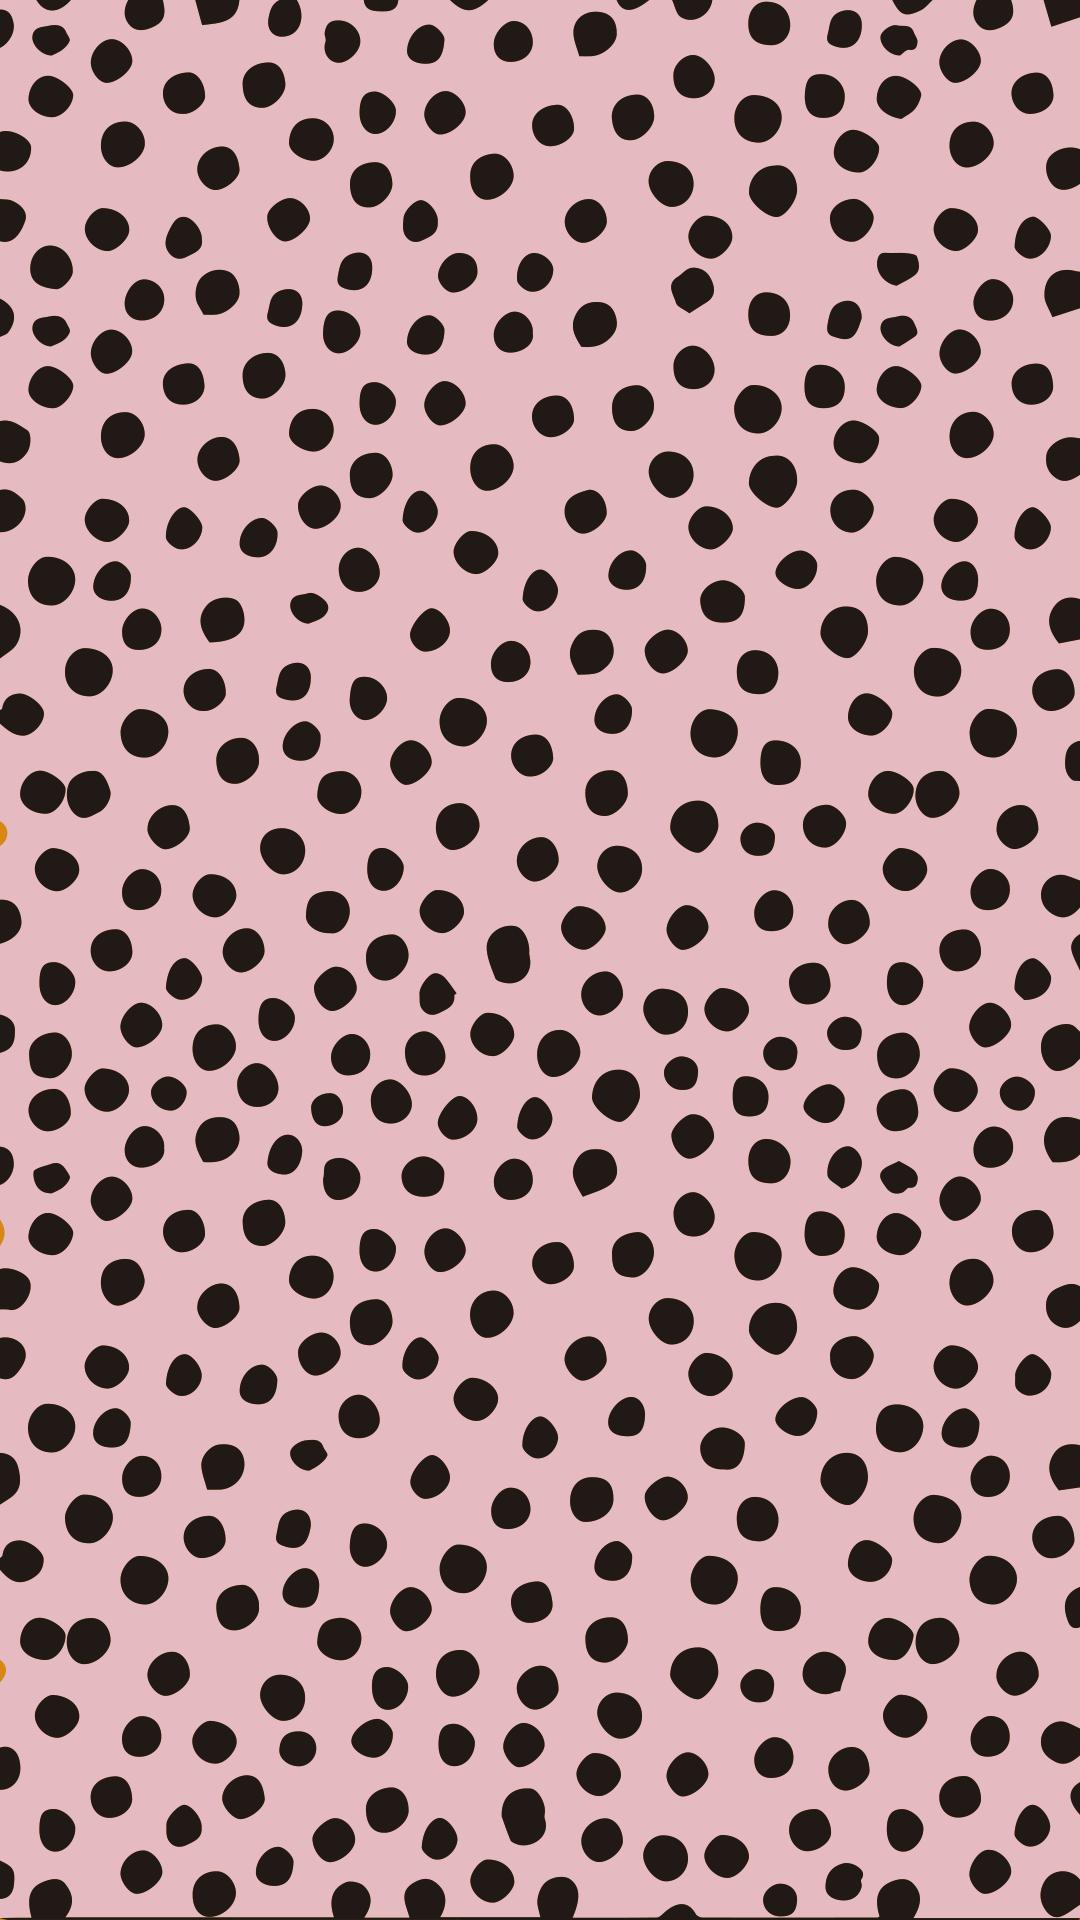 Ilustracion Pink Diseno Con Imagenes Fondos De Pantalla De